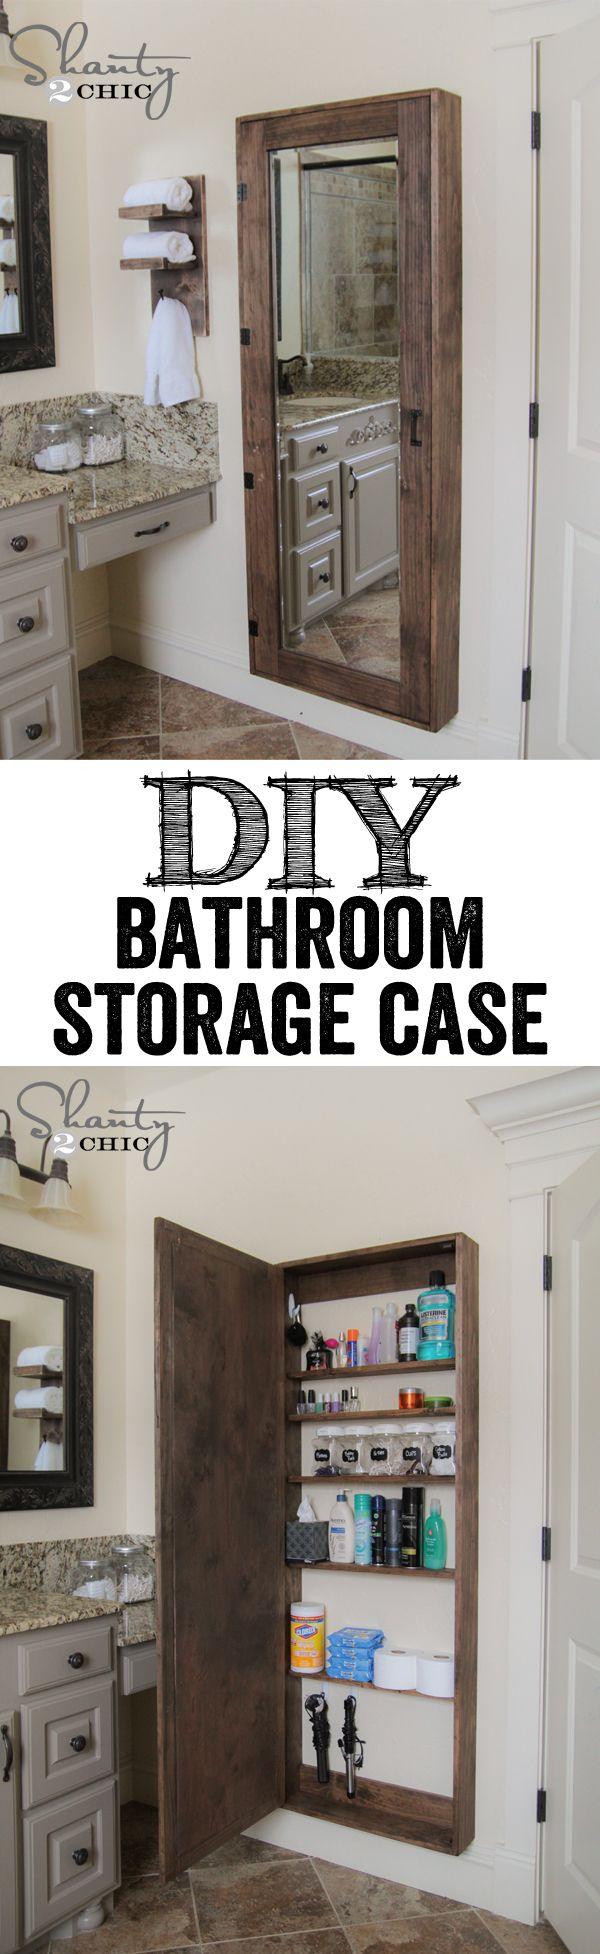 DIY bathroom storage case